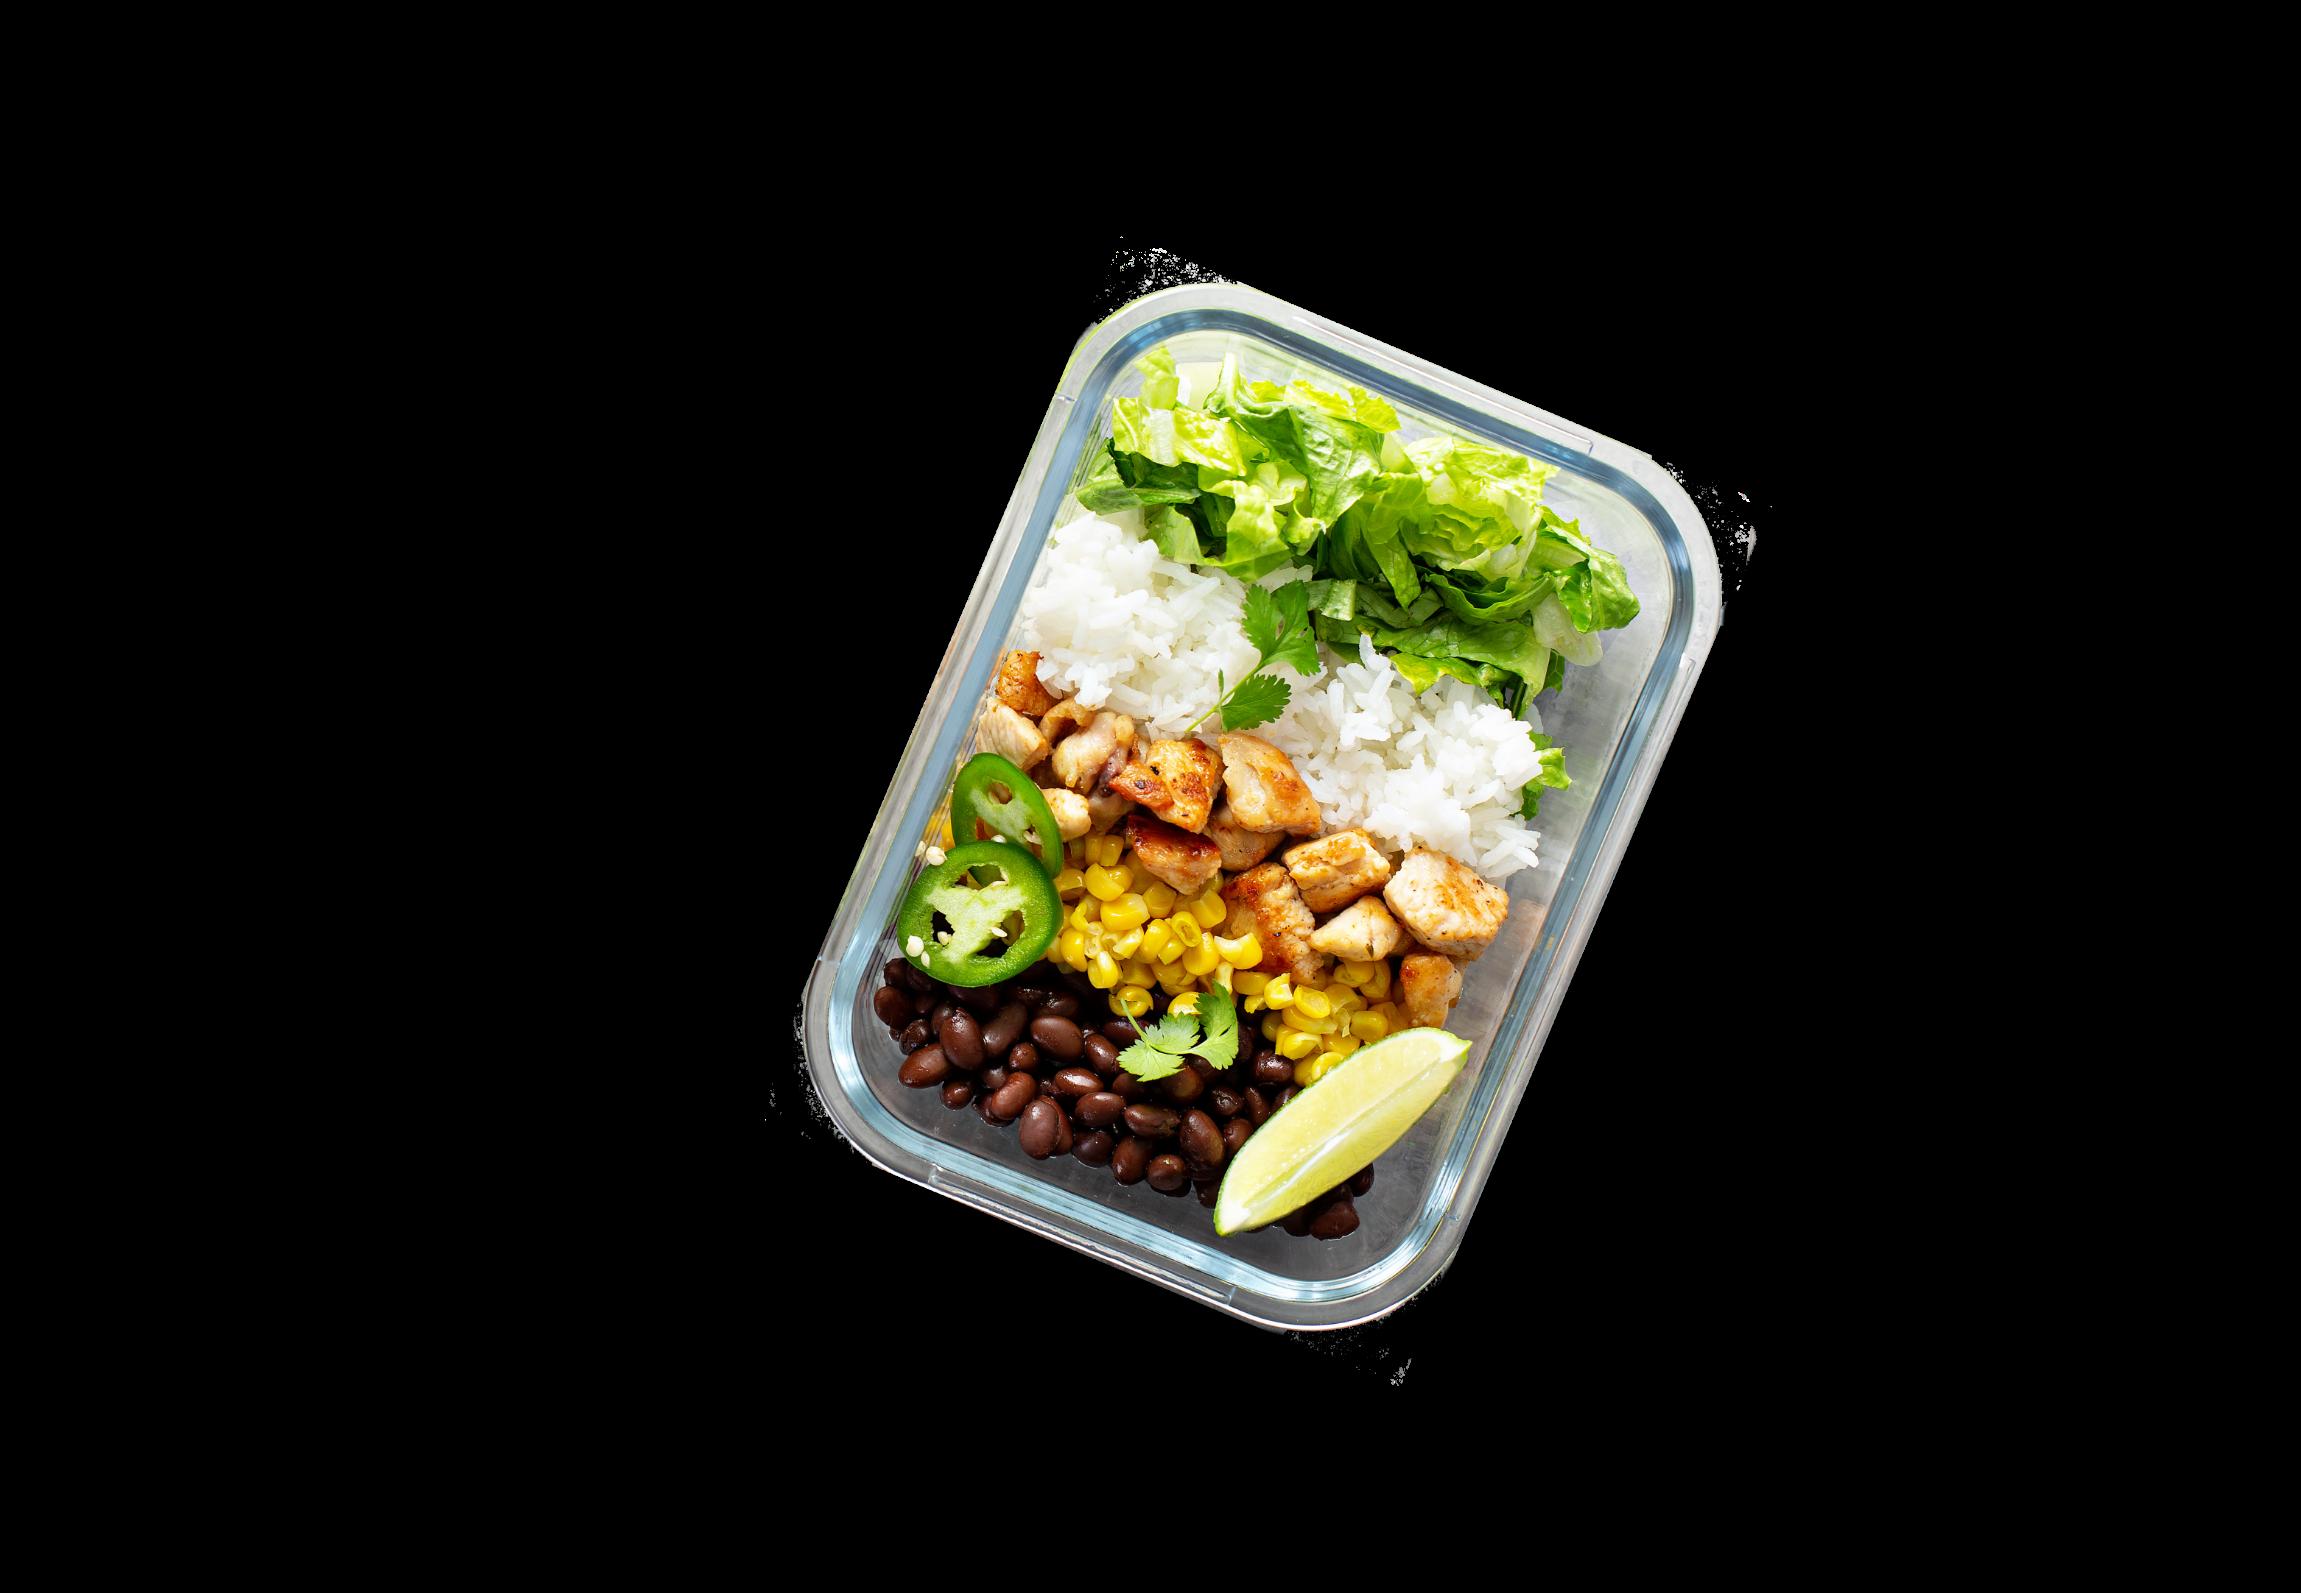 Mealprepcontainer@3x